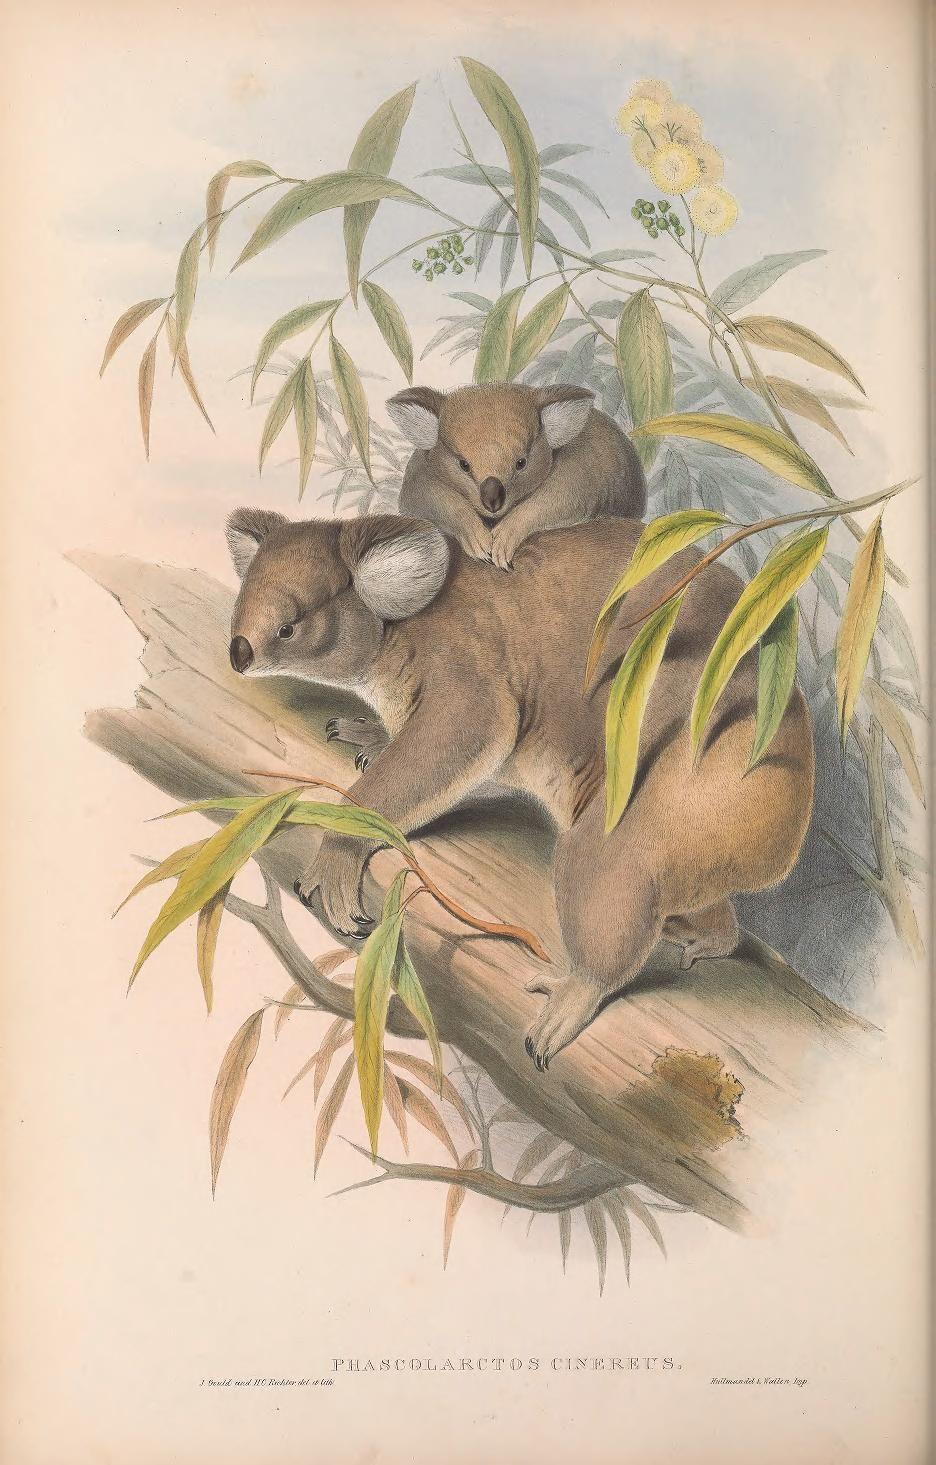 V 1 1863 The Mammals Of Australia Biodiversity Heritage Library Australia Animals Mammals Animals